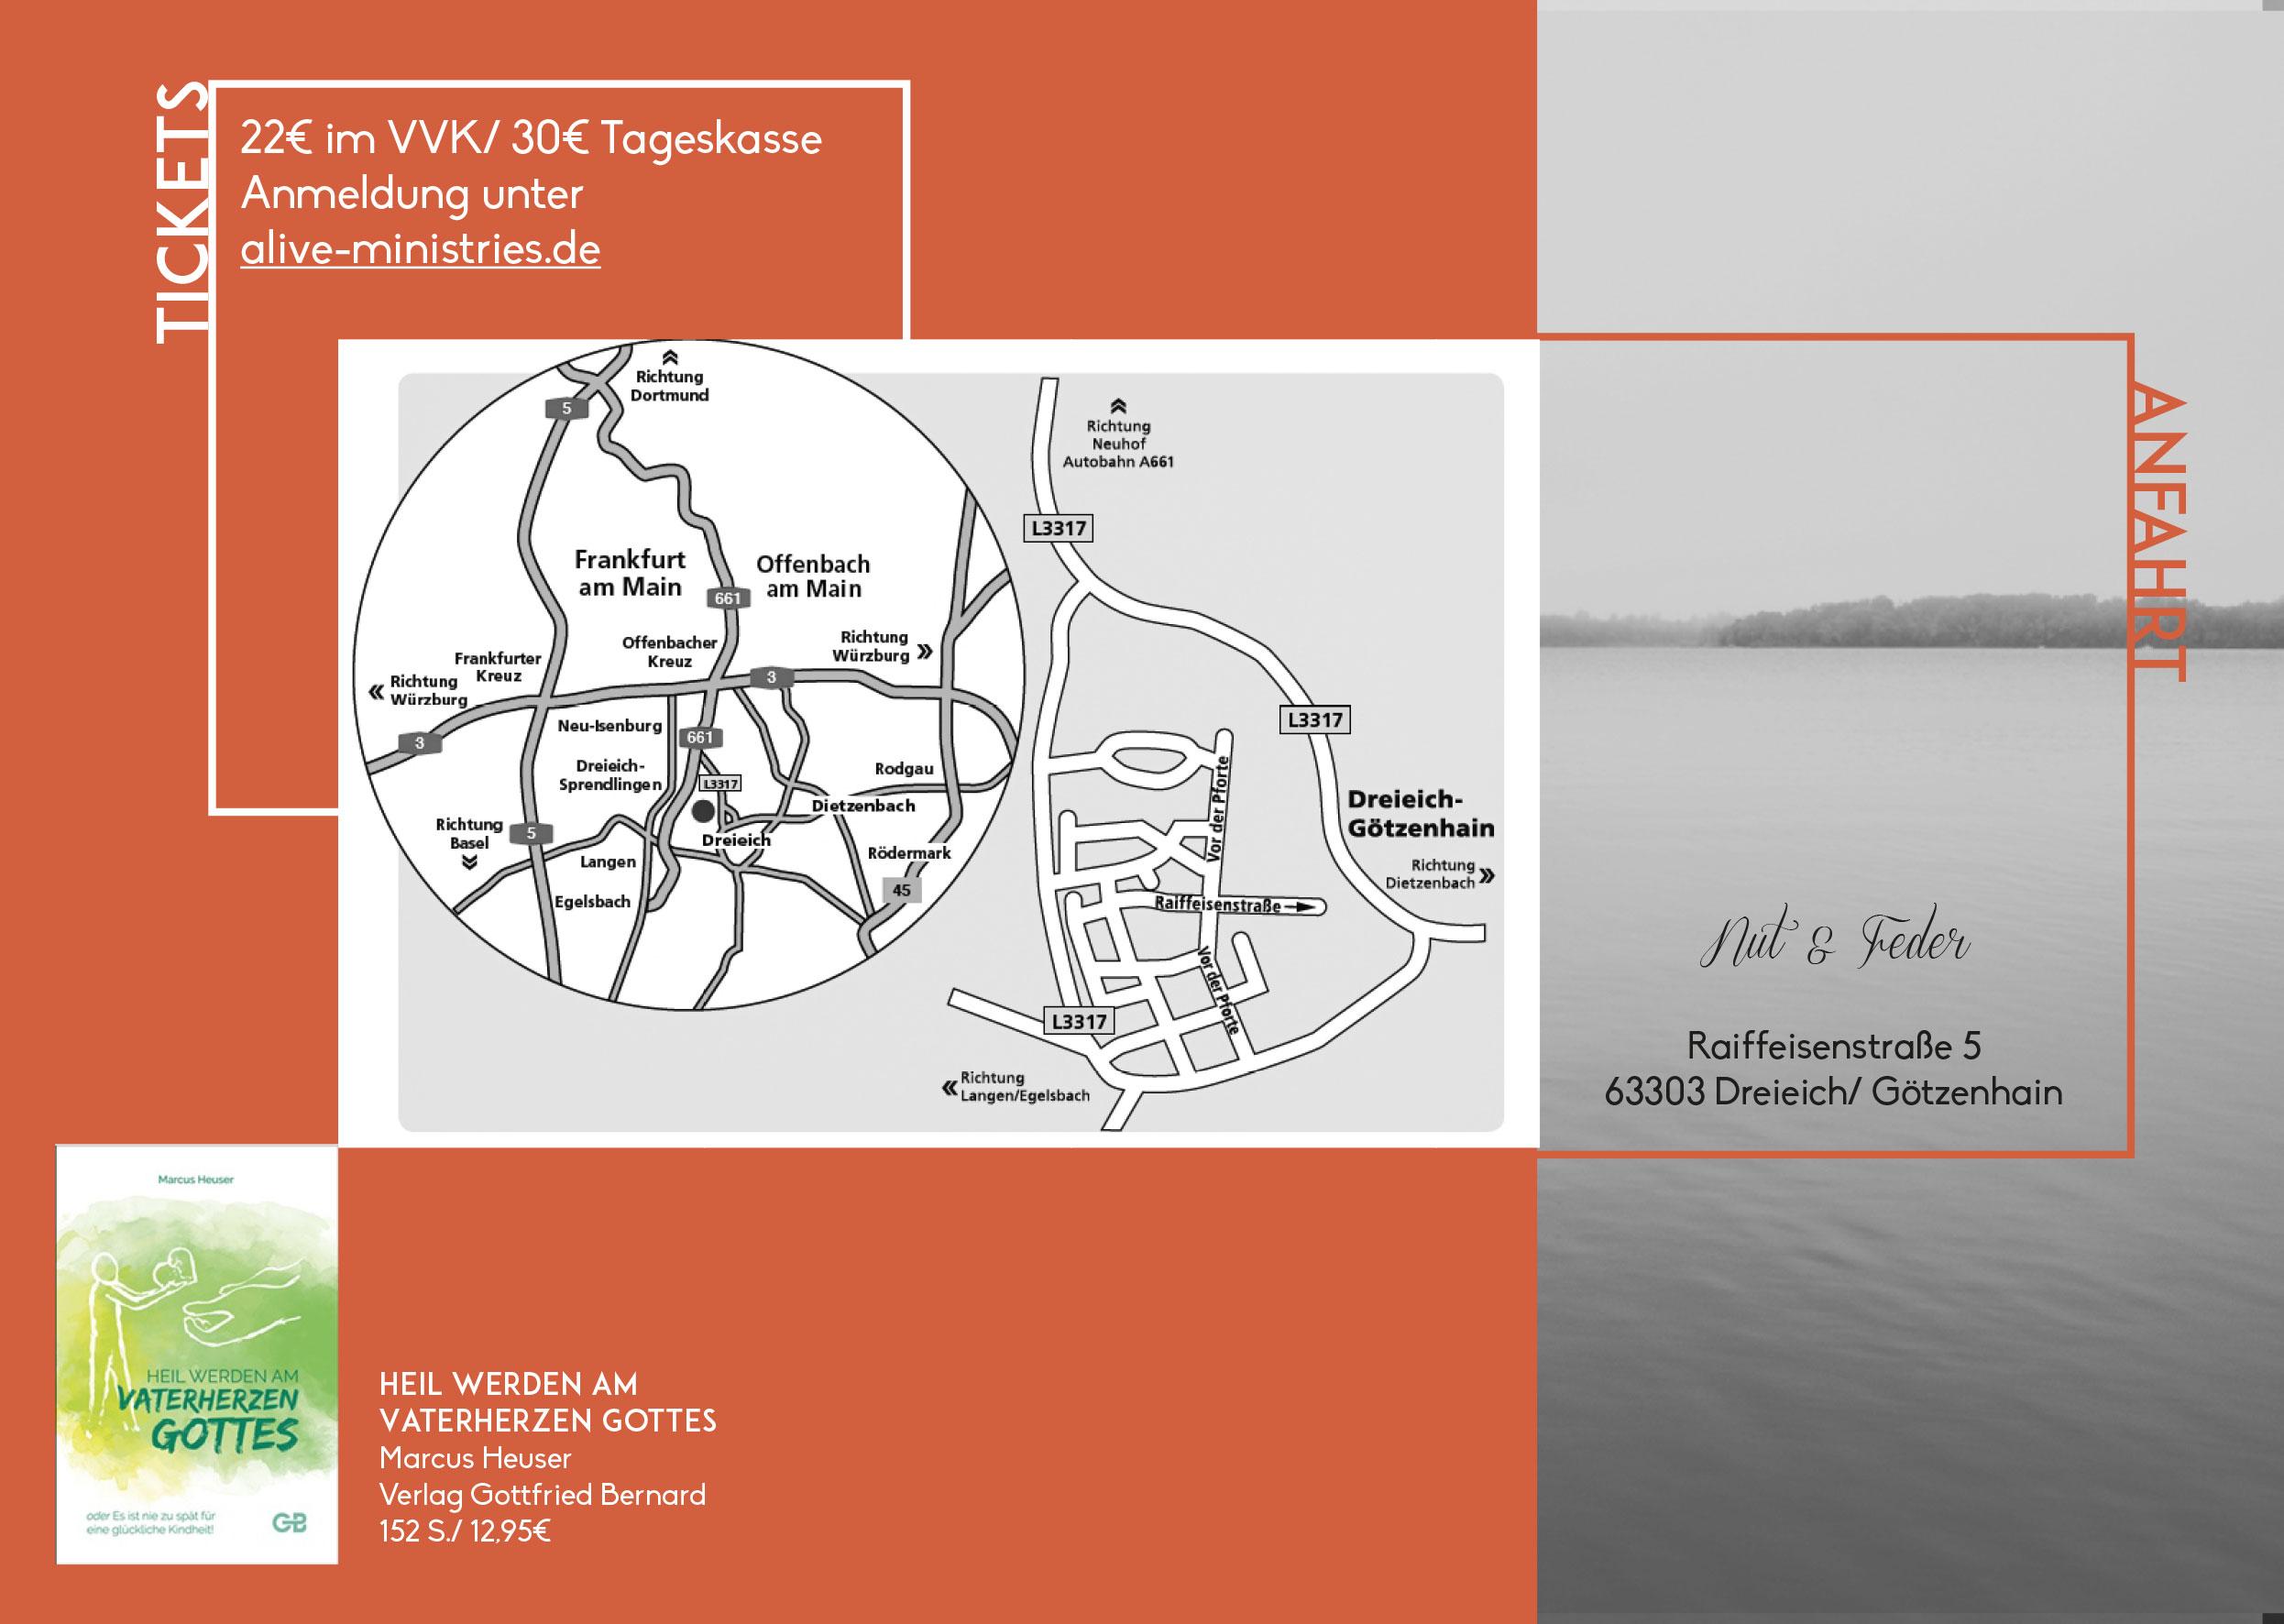 Vaterherzkonferenz-03_2018-PDF-Versand-4